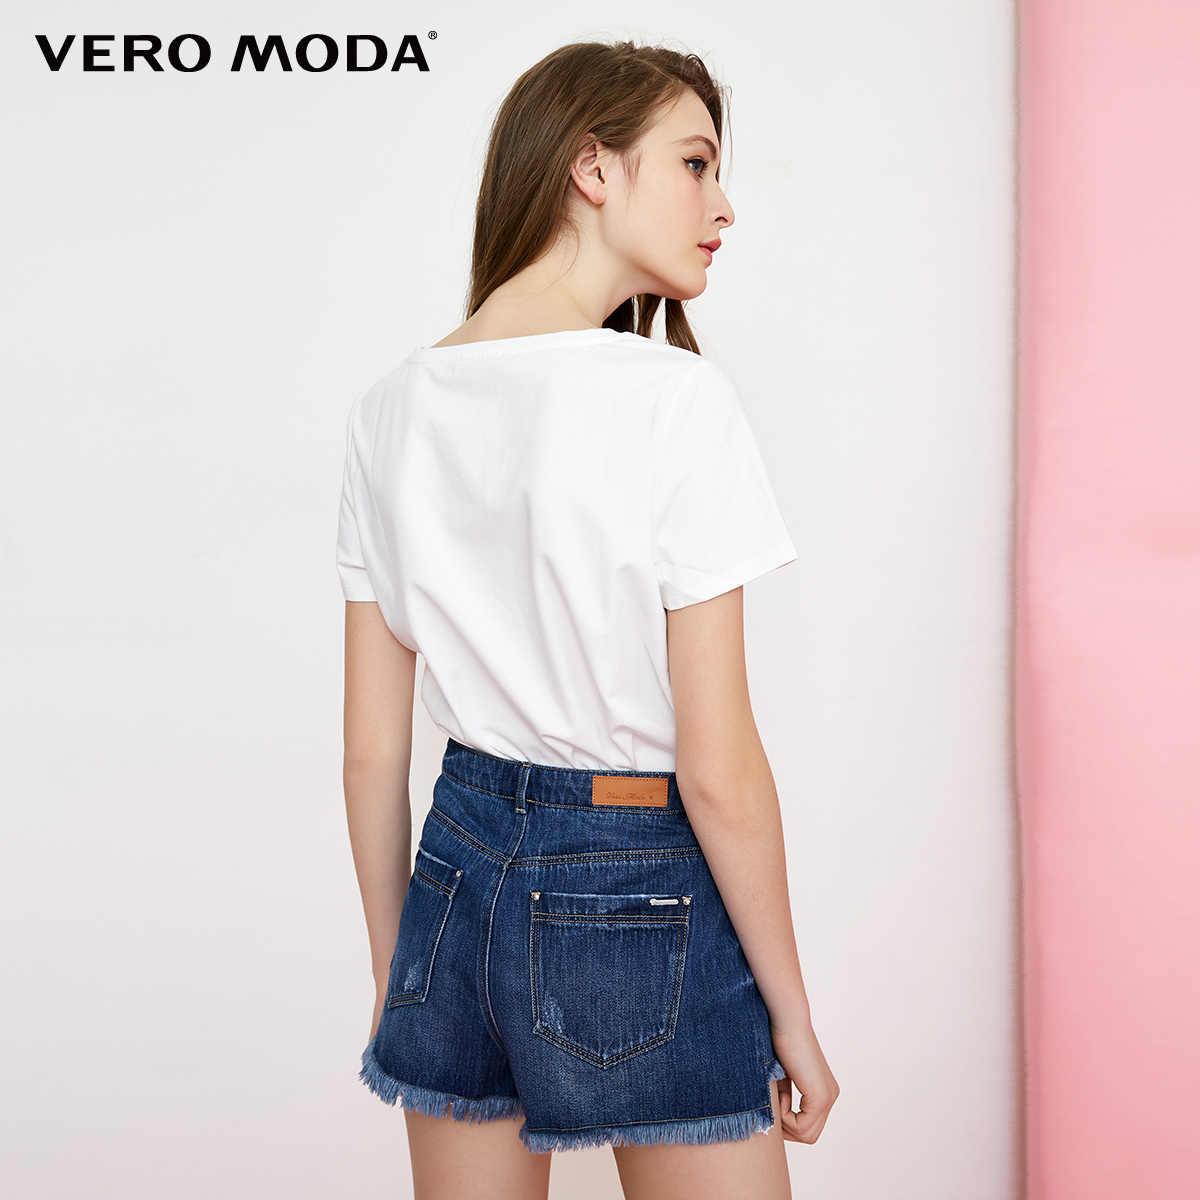 Vero Moda женские 2019 с круглым вырезом животных печати модные футболки топы   318101554